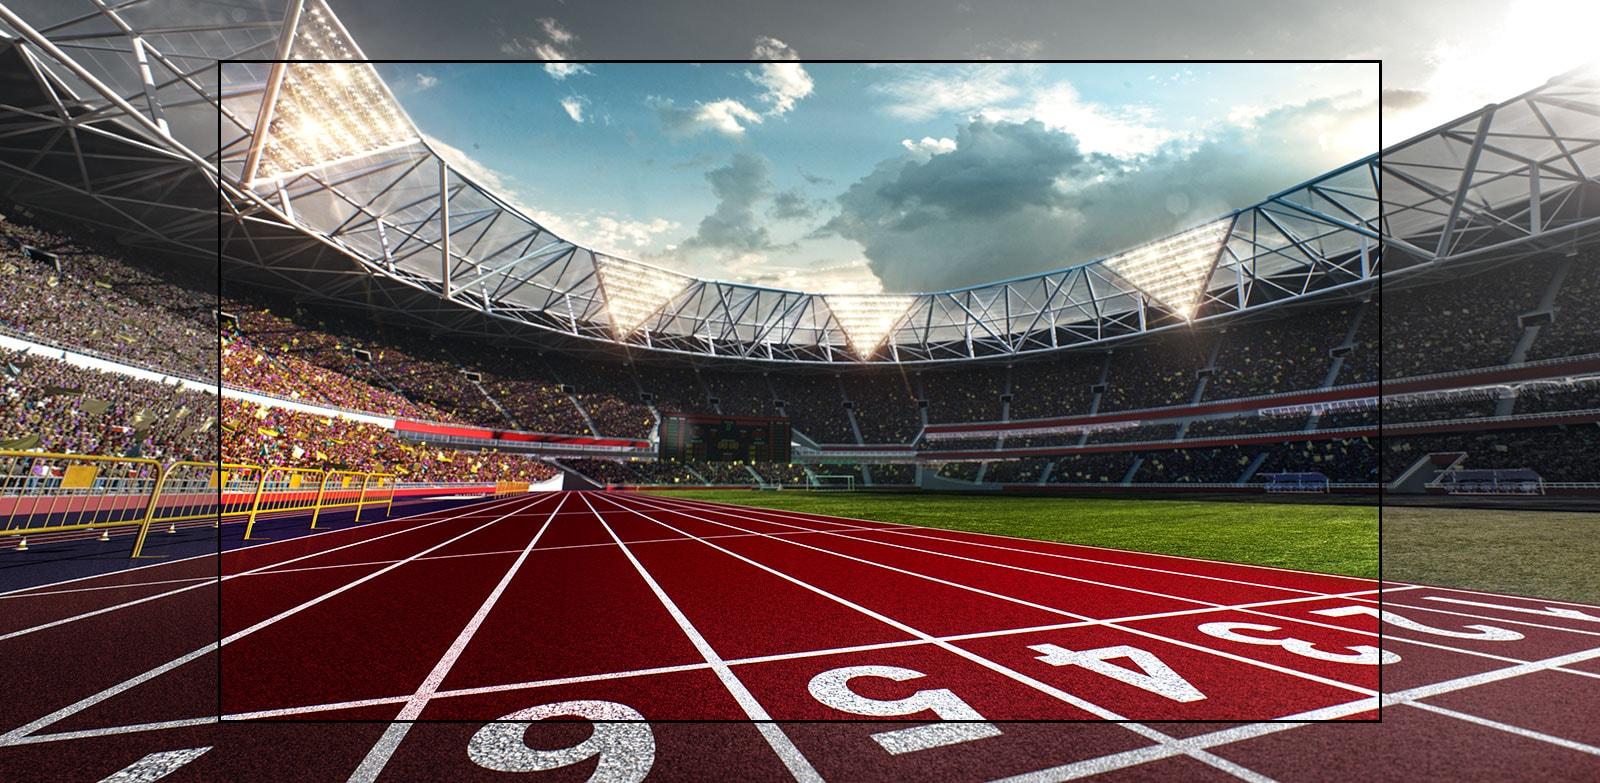 LG 55UN8000PTA Sports Experience